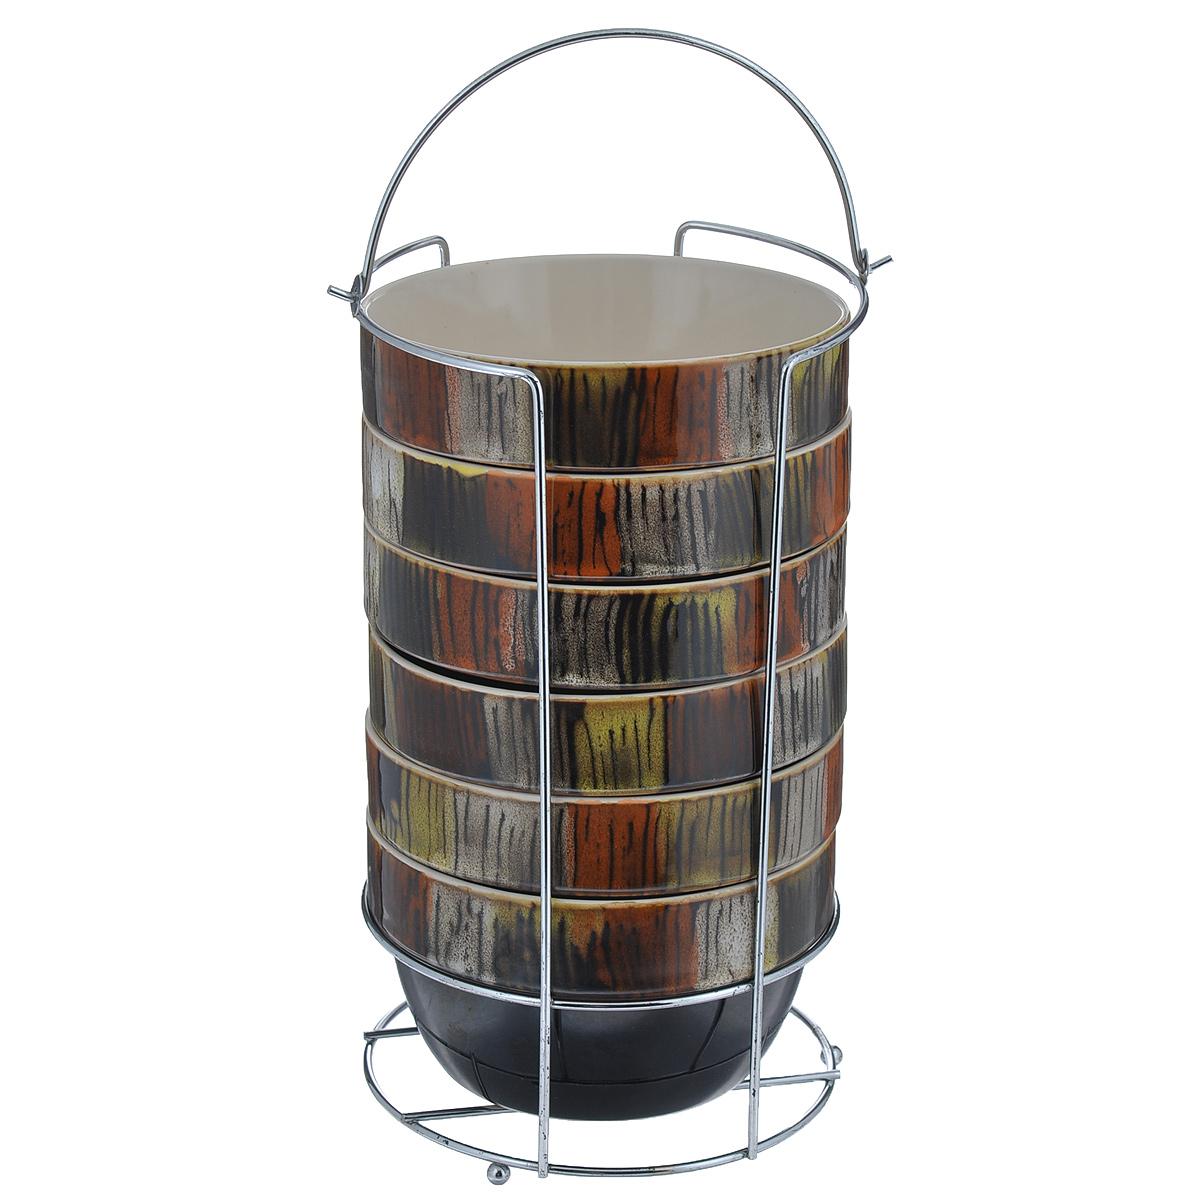 Набор пиал Bekker, 750 мл, 7 предметовBK-7367Набор Bekker состоит из 6 пиал и подставки. Пиалы выполнены из высококачественной жаропрочной керамики, покрытой блестящей глазурью без примесей кадмия и свинца. Внешние стенки коричневого цвета оформлены оригинальным орнаментом. Пиалы очень вместительны, их можно использовать для подачи супа, каш, хлопьев и т.д, а также в качестве салатников. В комплекте имеется специальная металлическая подставка с хромированной поверхностью. Для удобства переноски на подставке предусмотрена ручка. Пиалы подходят для использования в микроволновой печи, духовом шкафу. Также изделия можно чистить в посудомоечной машине.